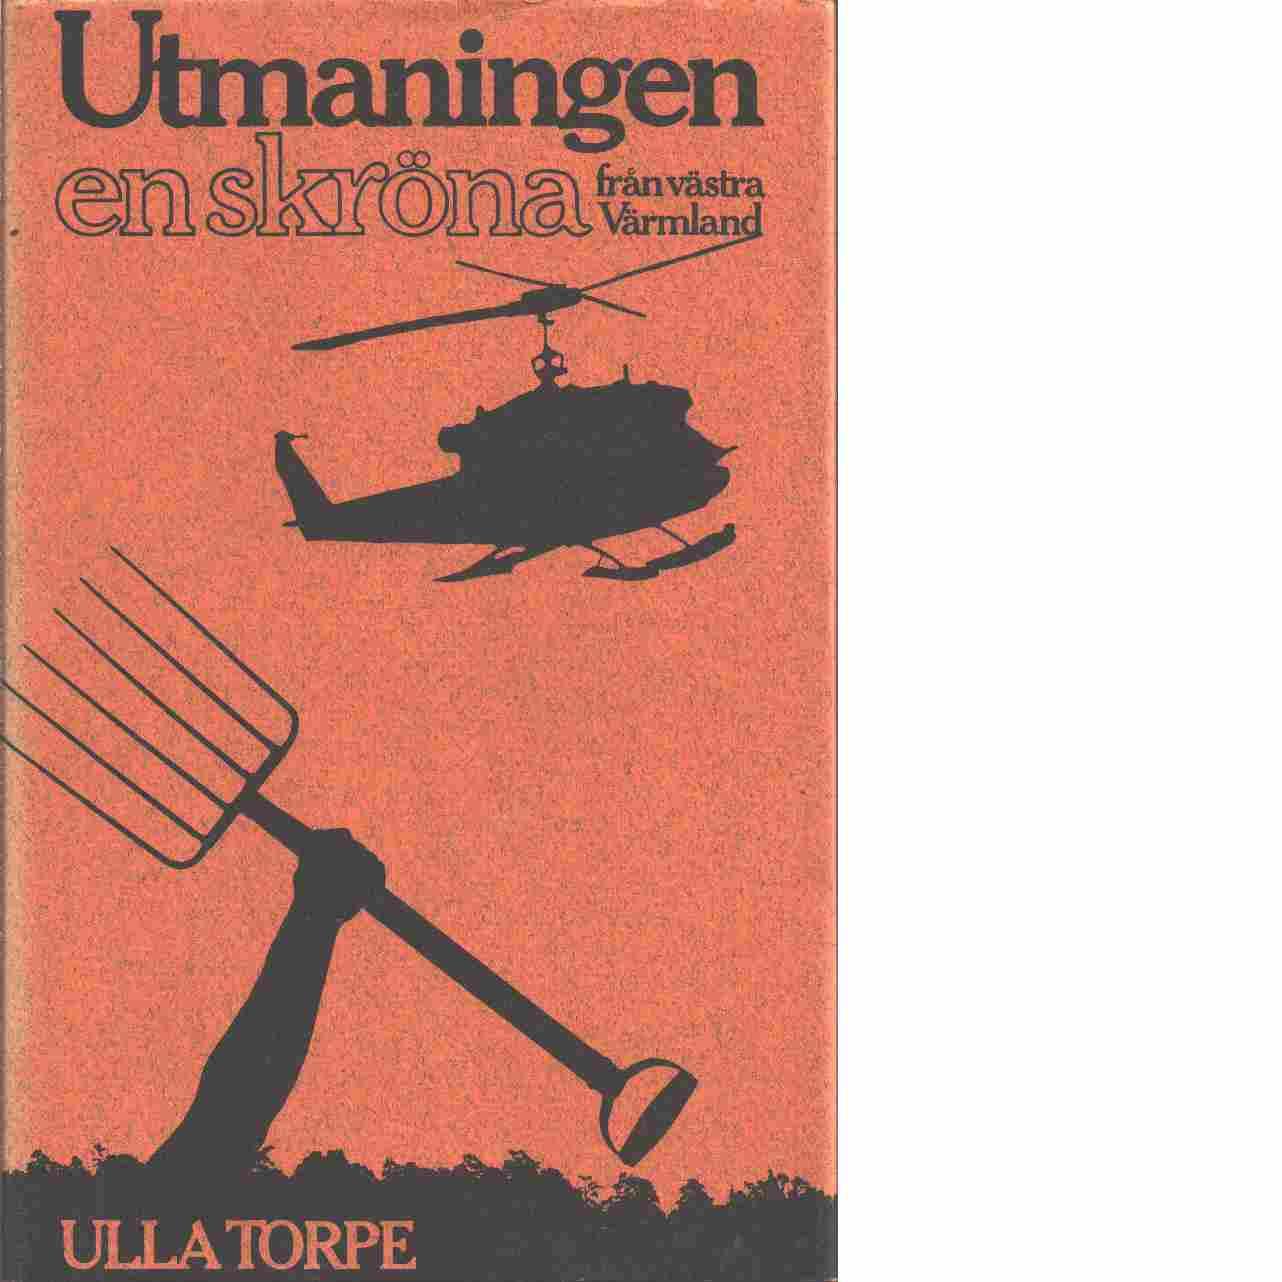 Utmaningen : en skröna från västra Värmland - Torpe, Ulla